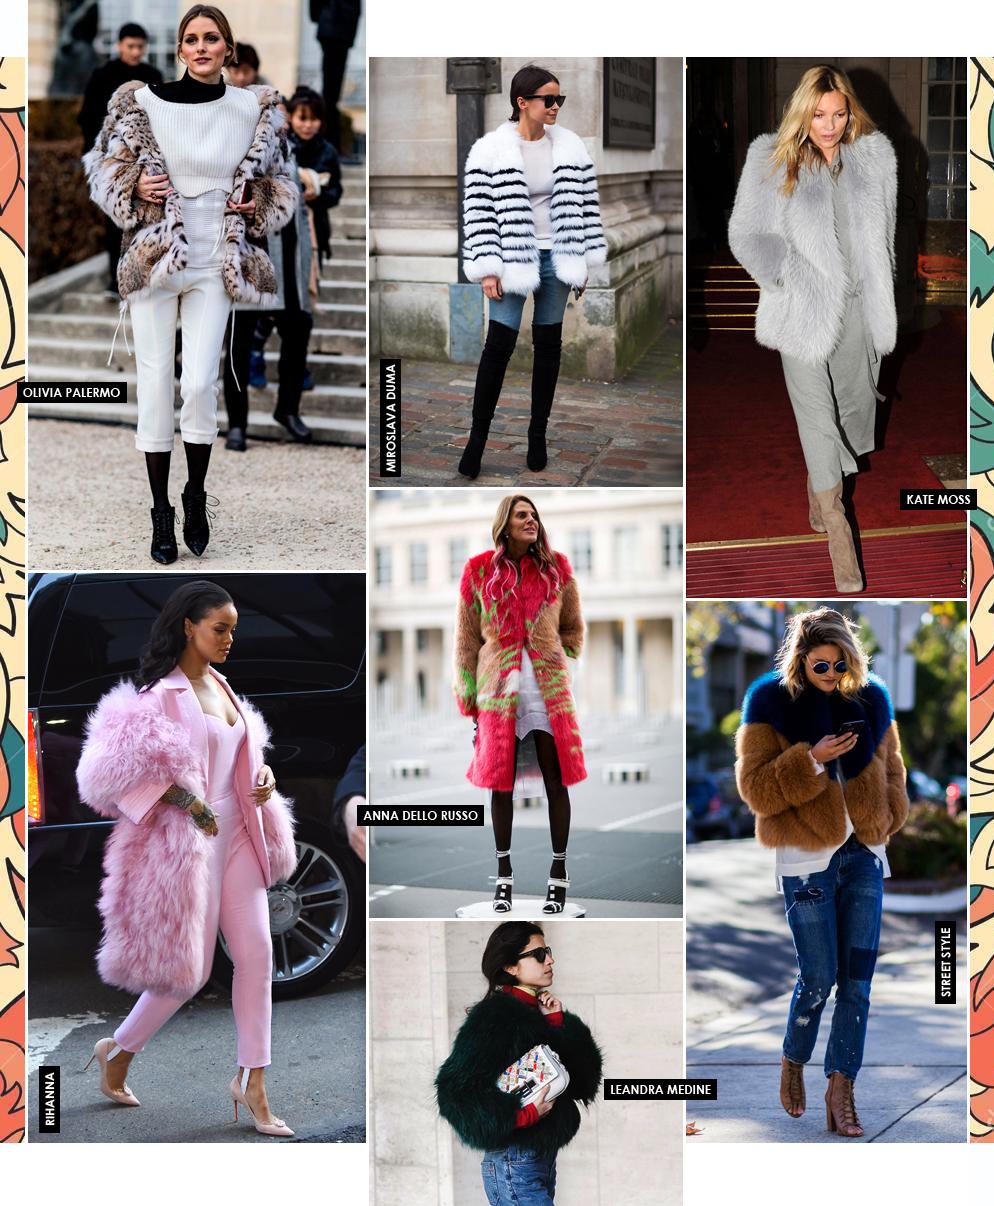 Cómo llevar abrigos de piel (sin añadirte años de más)